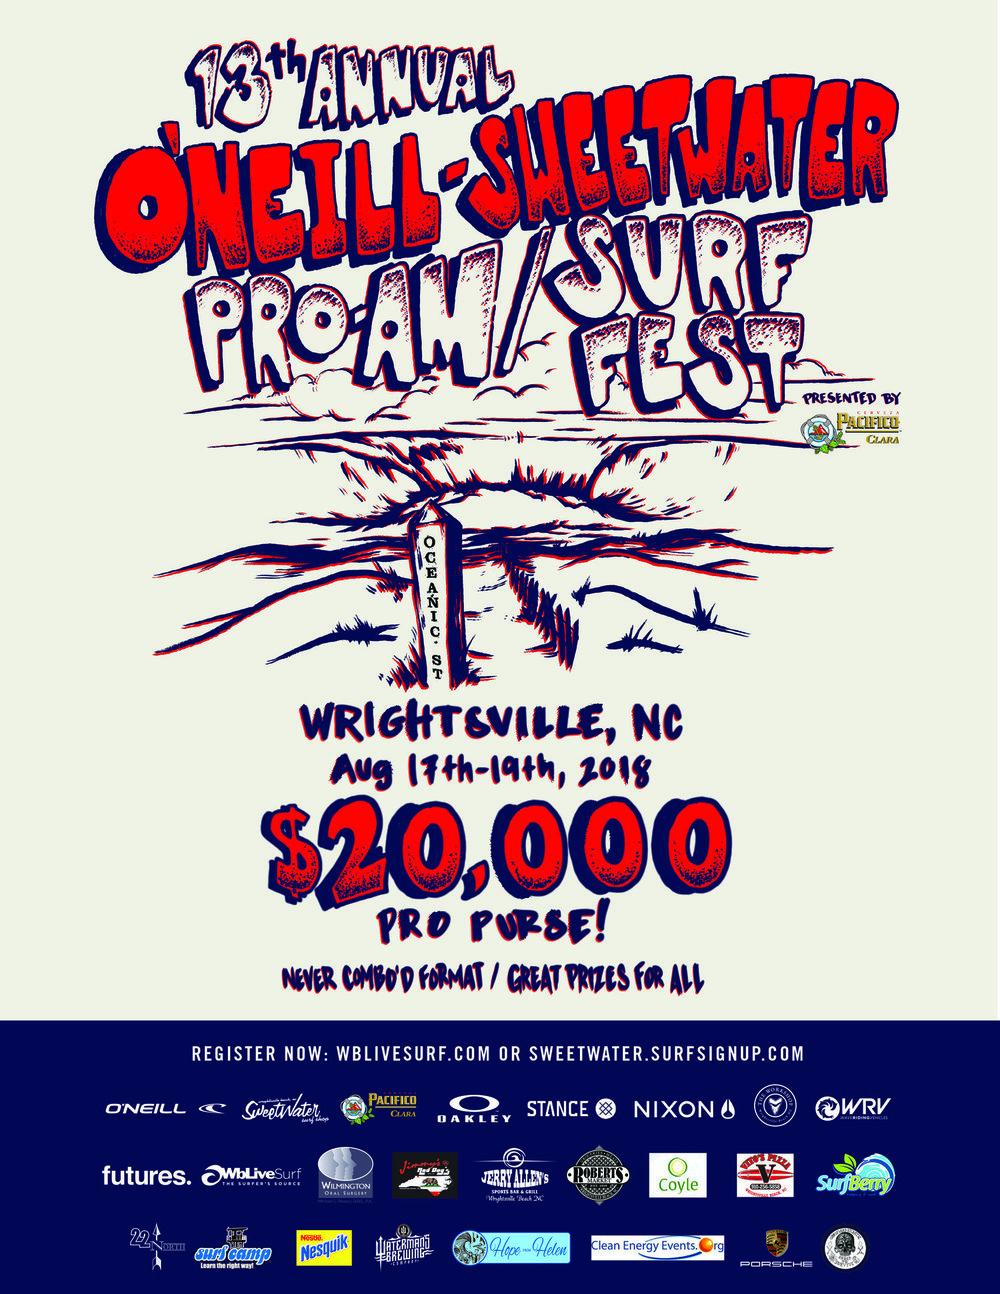 ONeill+ProAm+Surf+Fest+2018.jpg